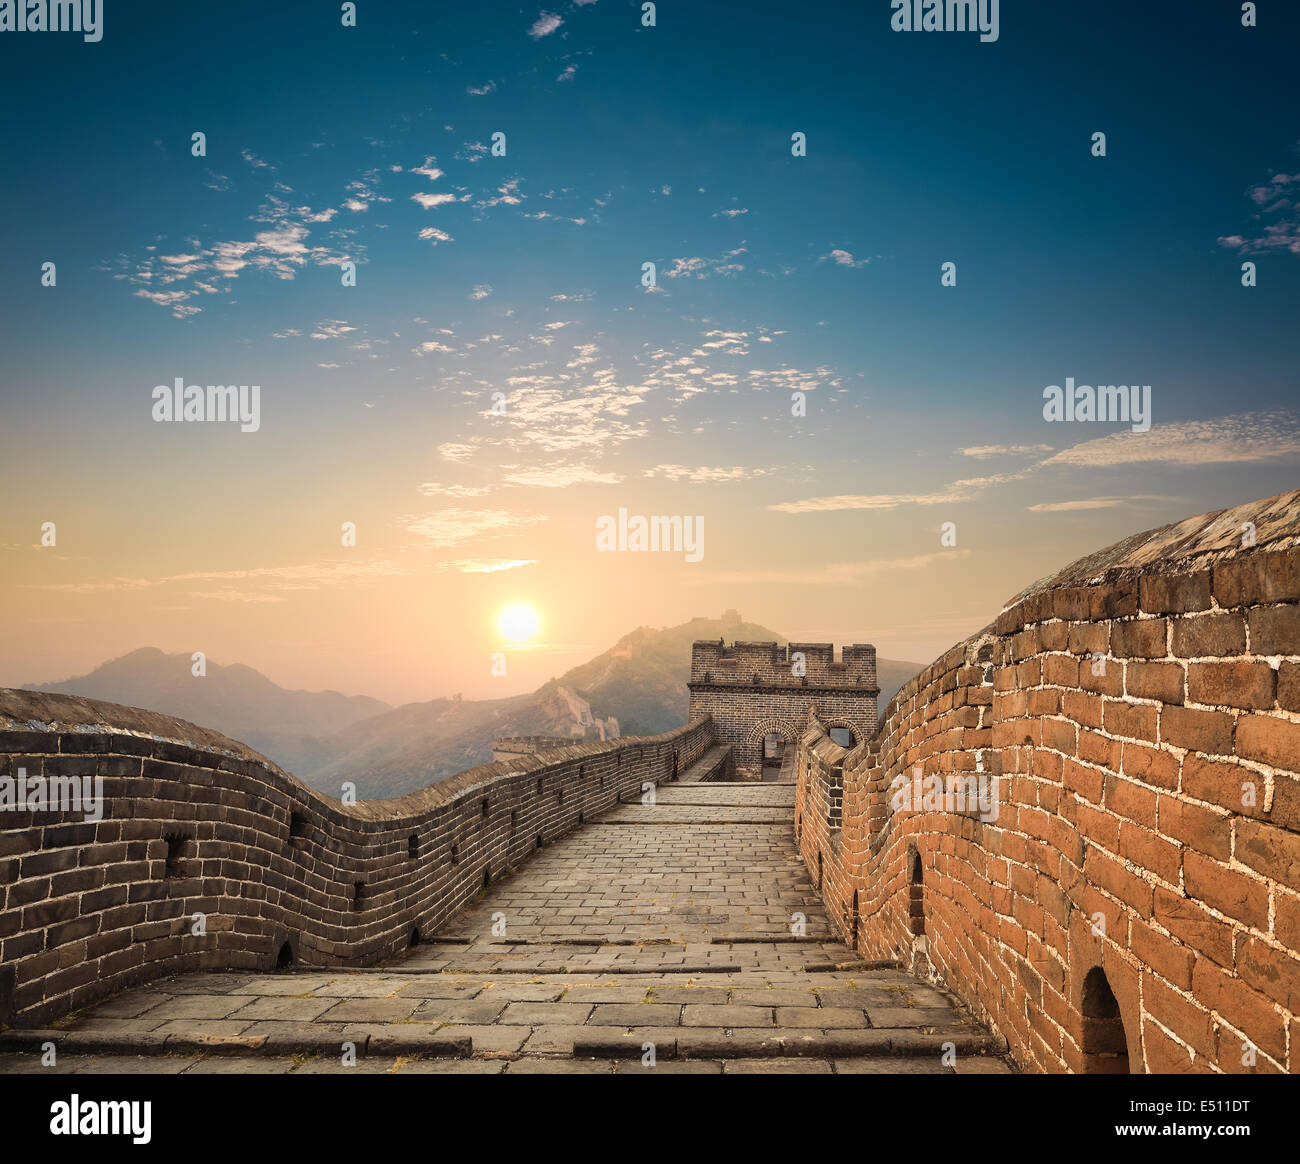 La gran muralla al atardecer Imagen De Stock